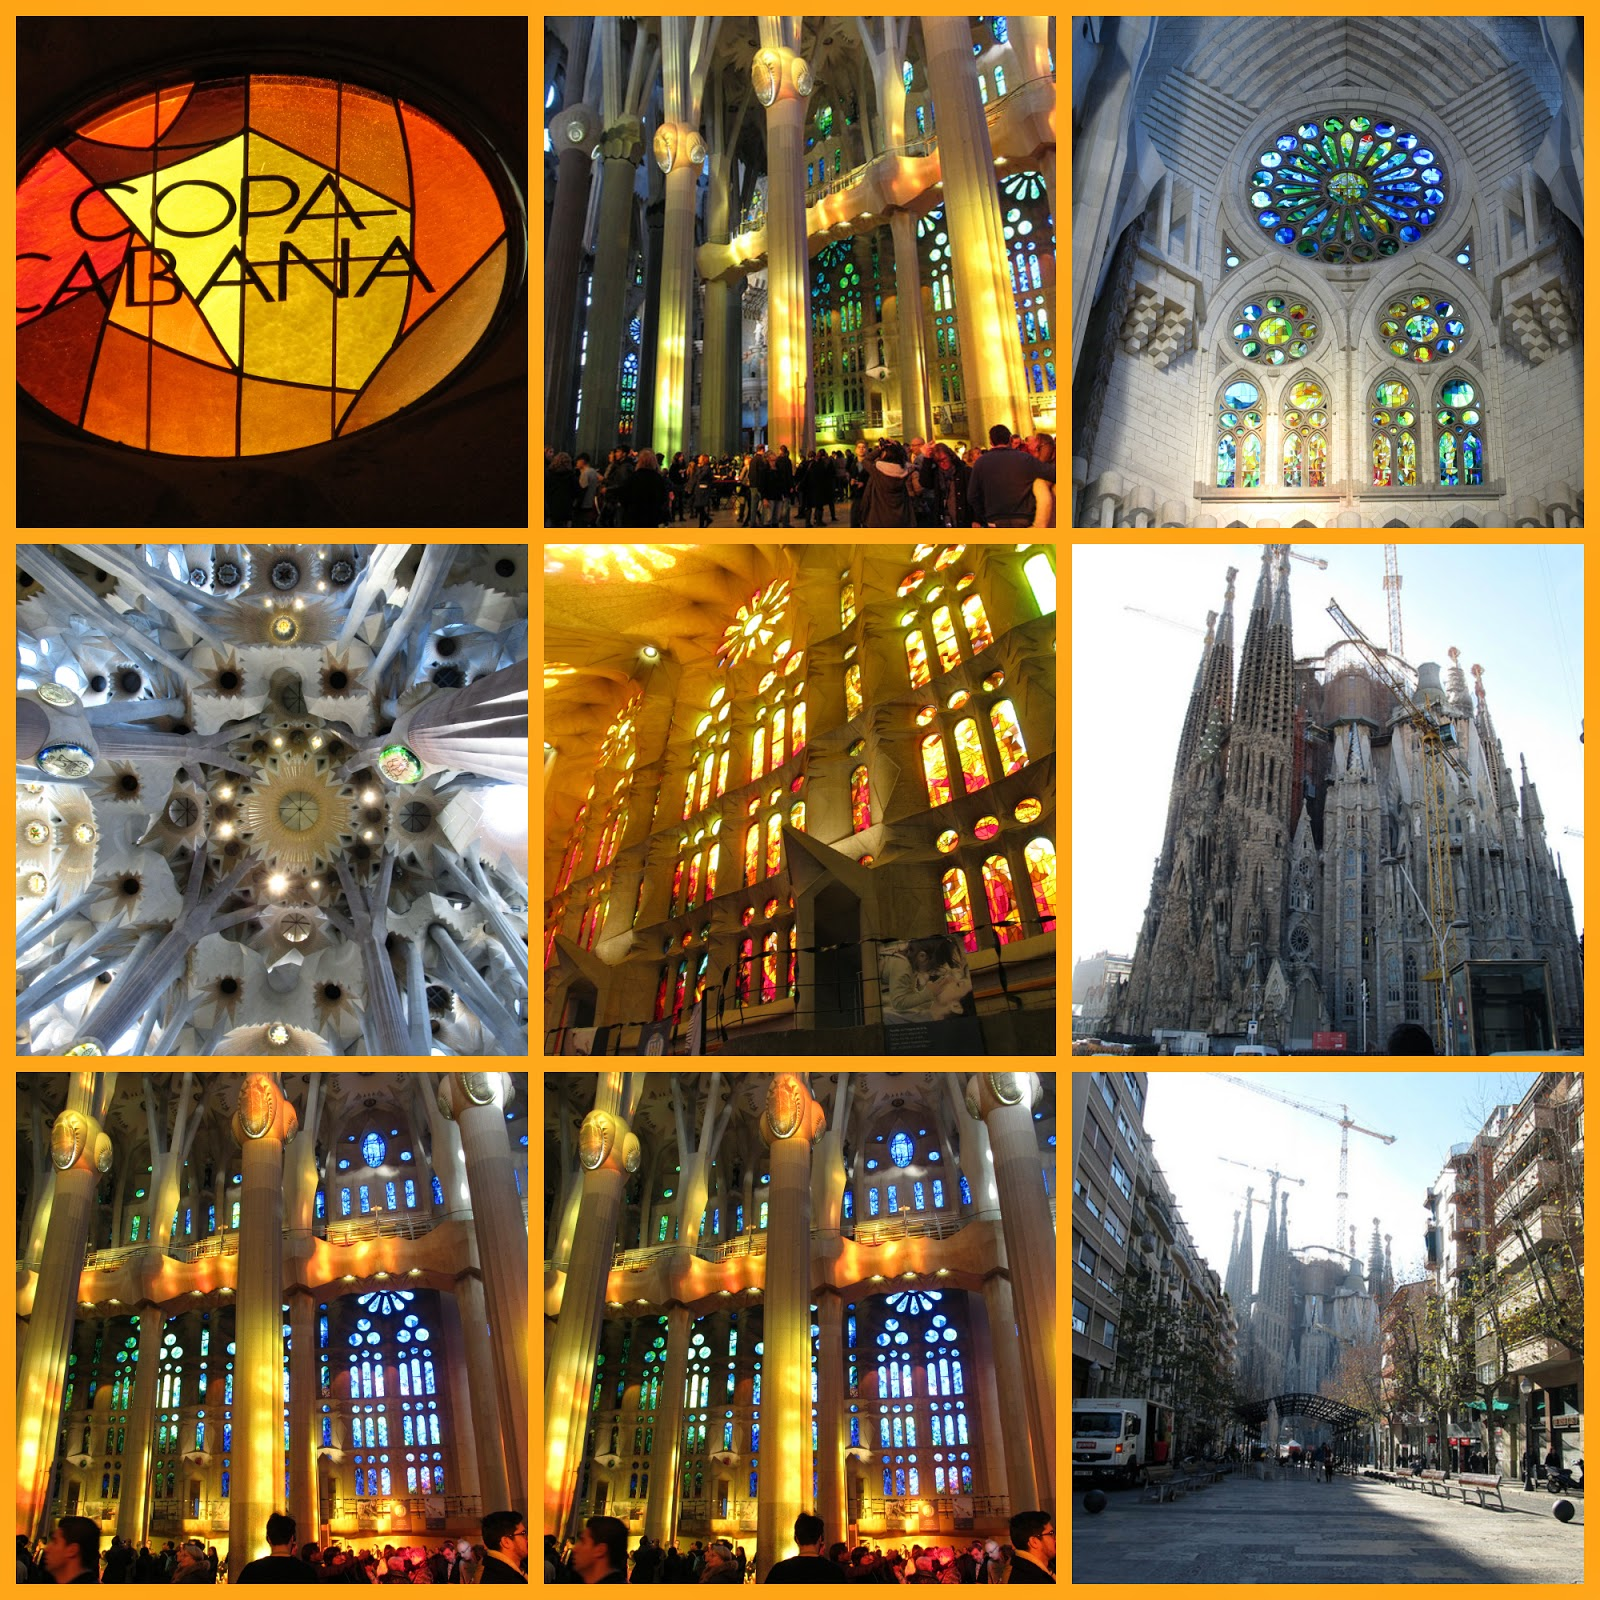 Viagem a Barcelona, Espanha